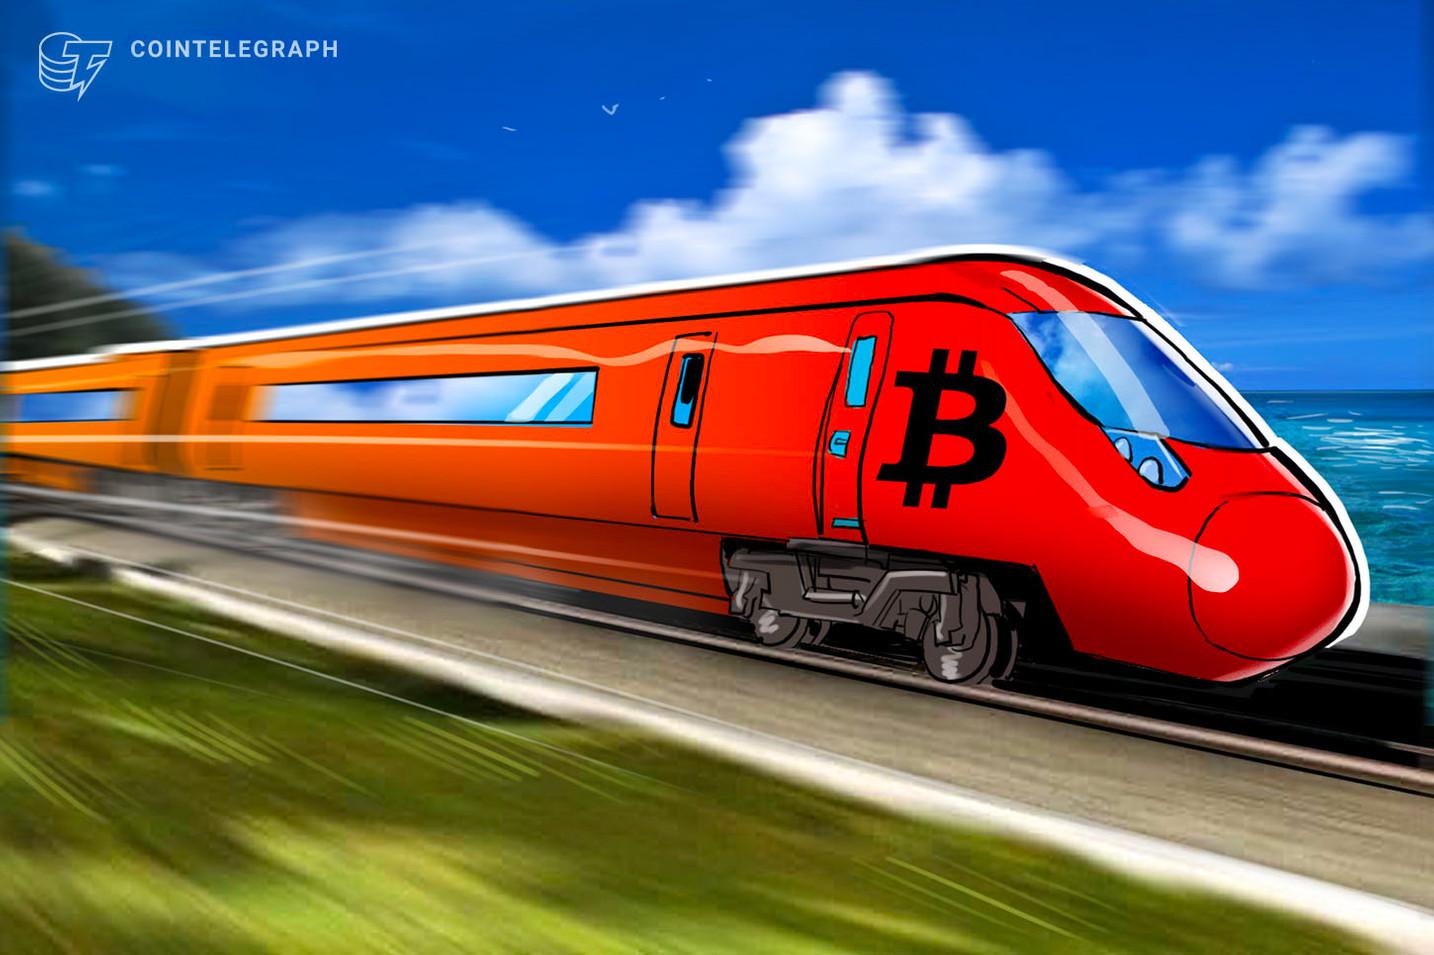 'Acumulação' de 896 dias do Bitcoin vai resultar em uma iminente 'Bull Run' de US$ 100.000, diz analista